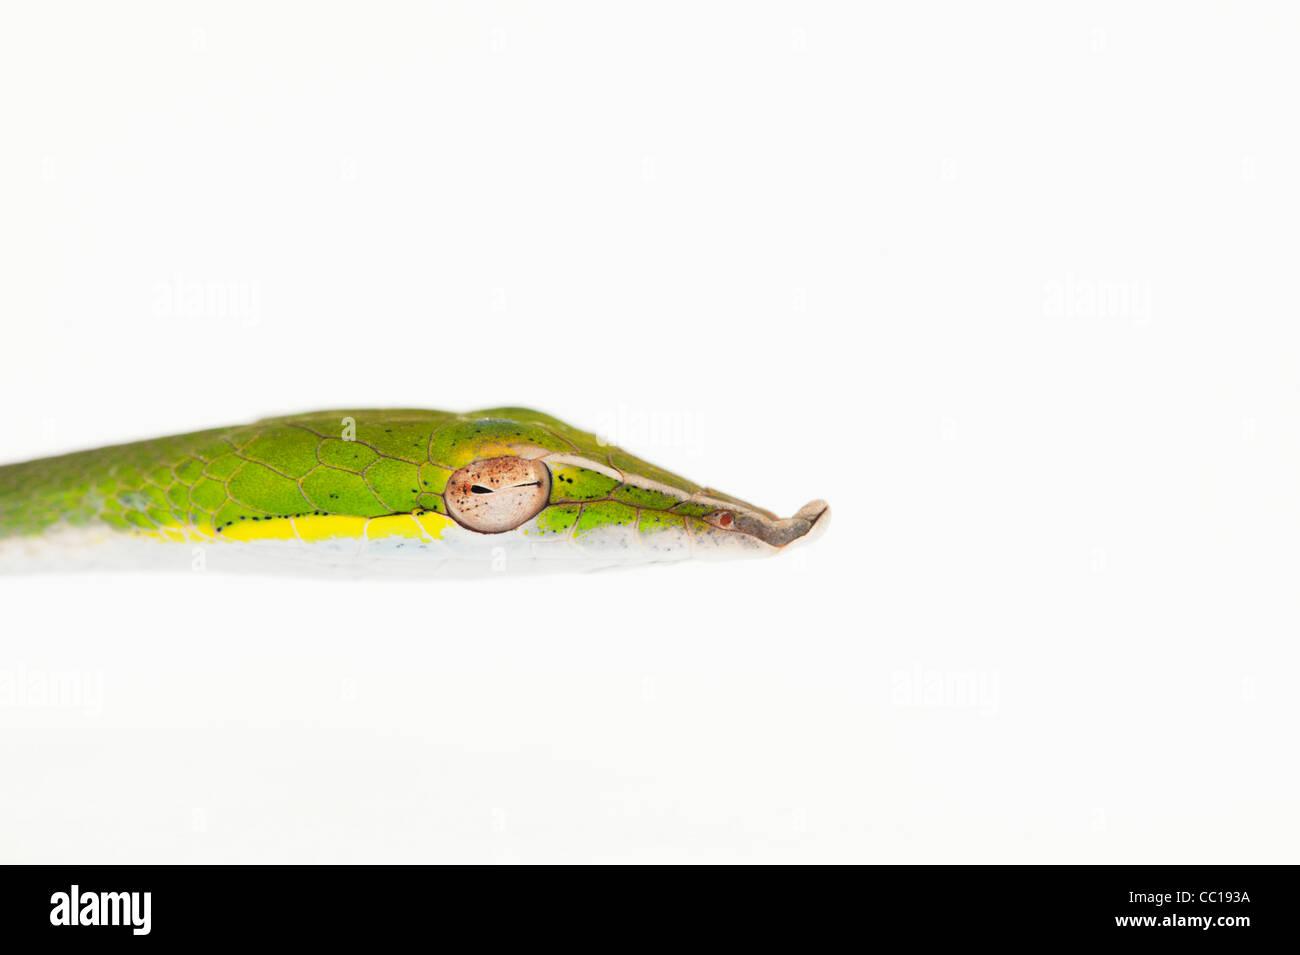 Ahaetulla nasuta . Juvenile Green vine snake on white background - Stock Image